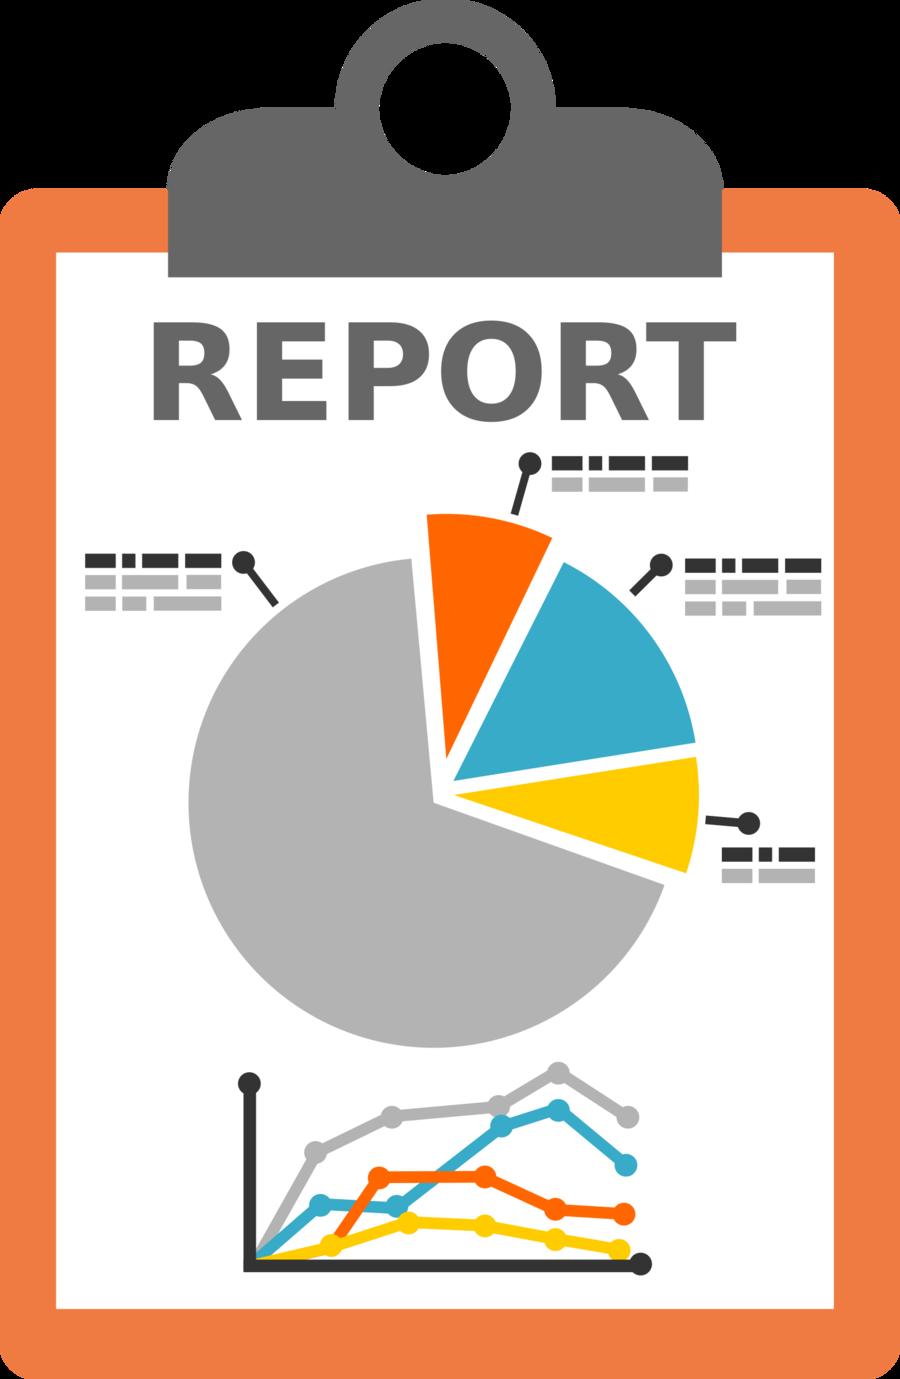 vector transparent download Report clipart. Line cartoon text font.